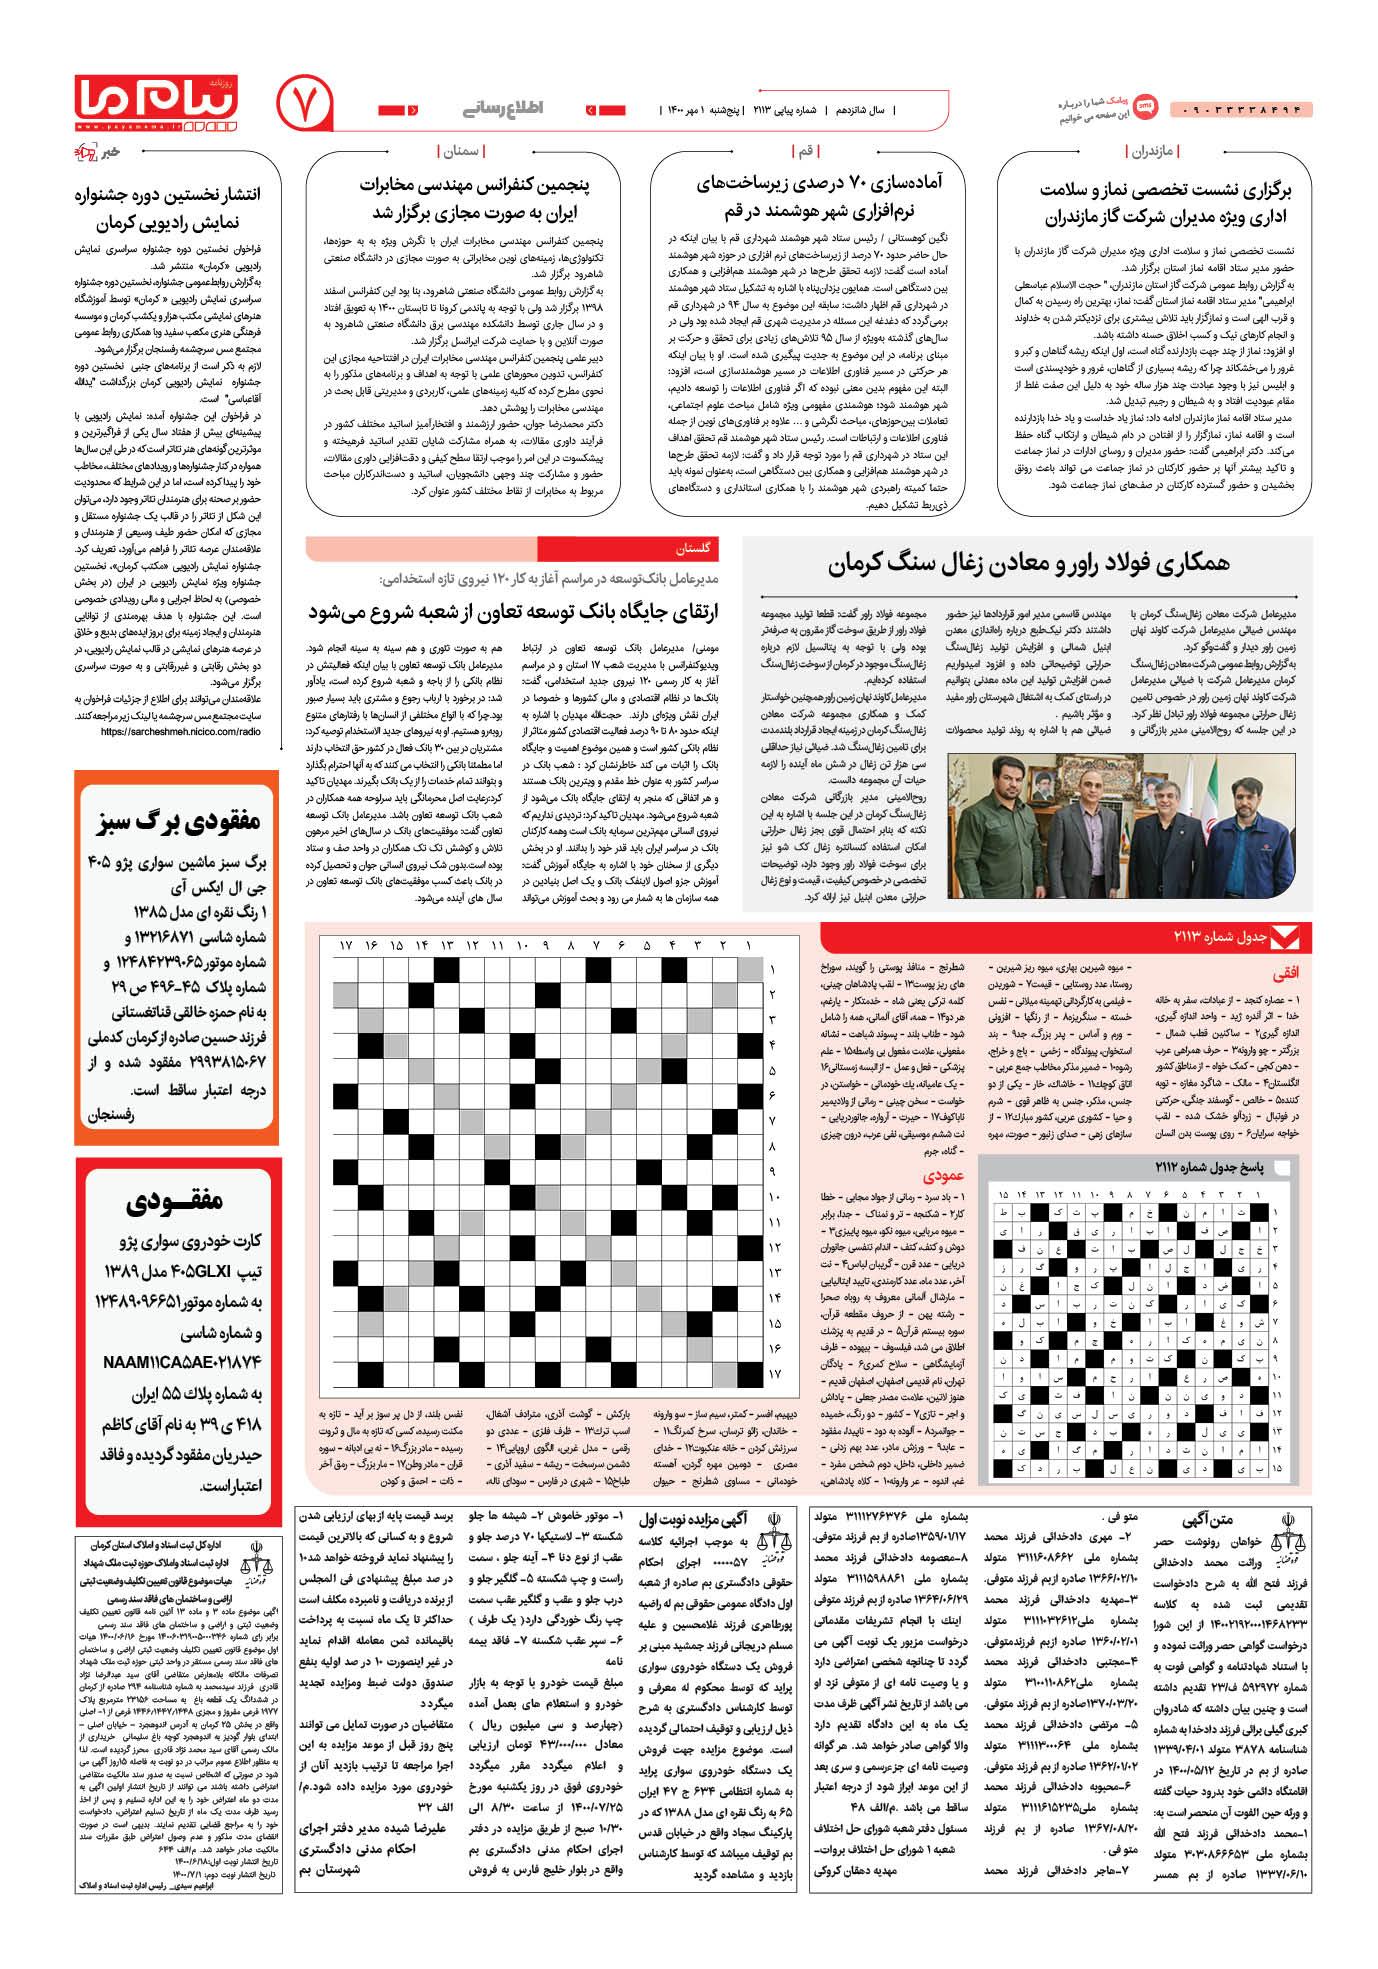 صفحه اطلاع رسانی شماره 2113 روزنامه پیام ما